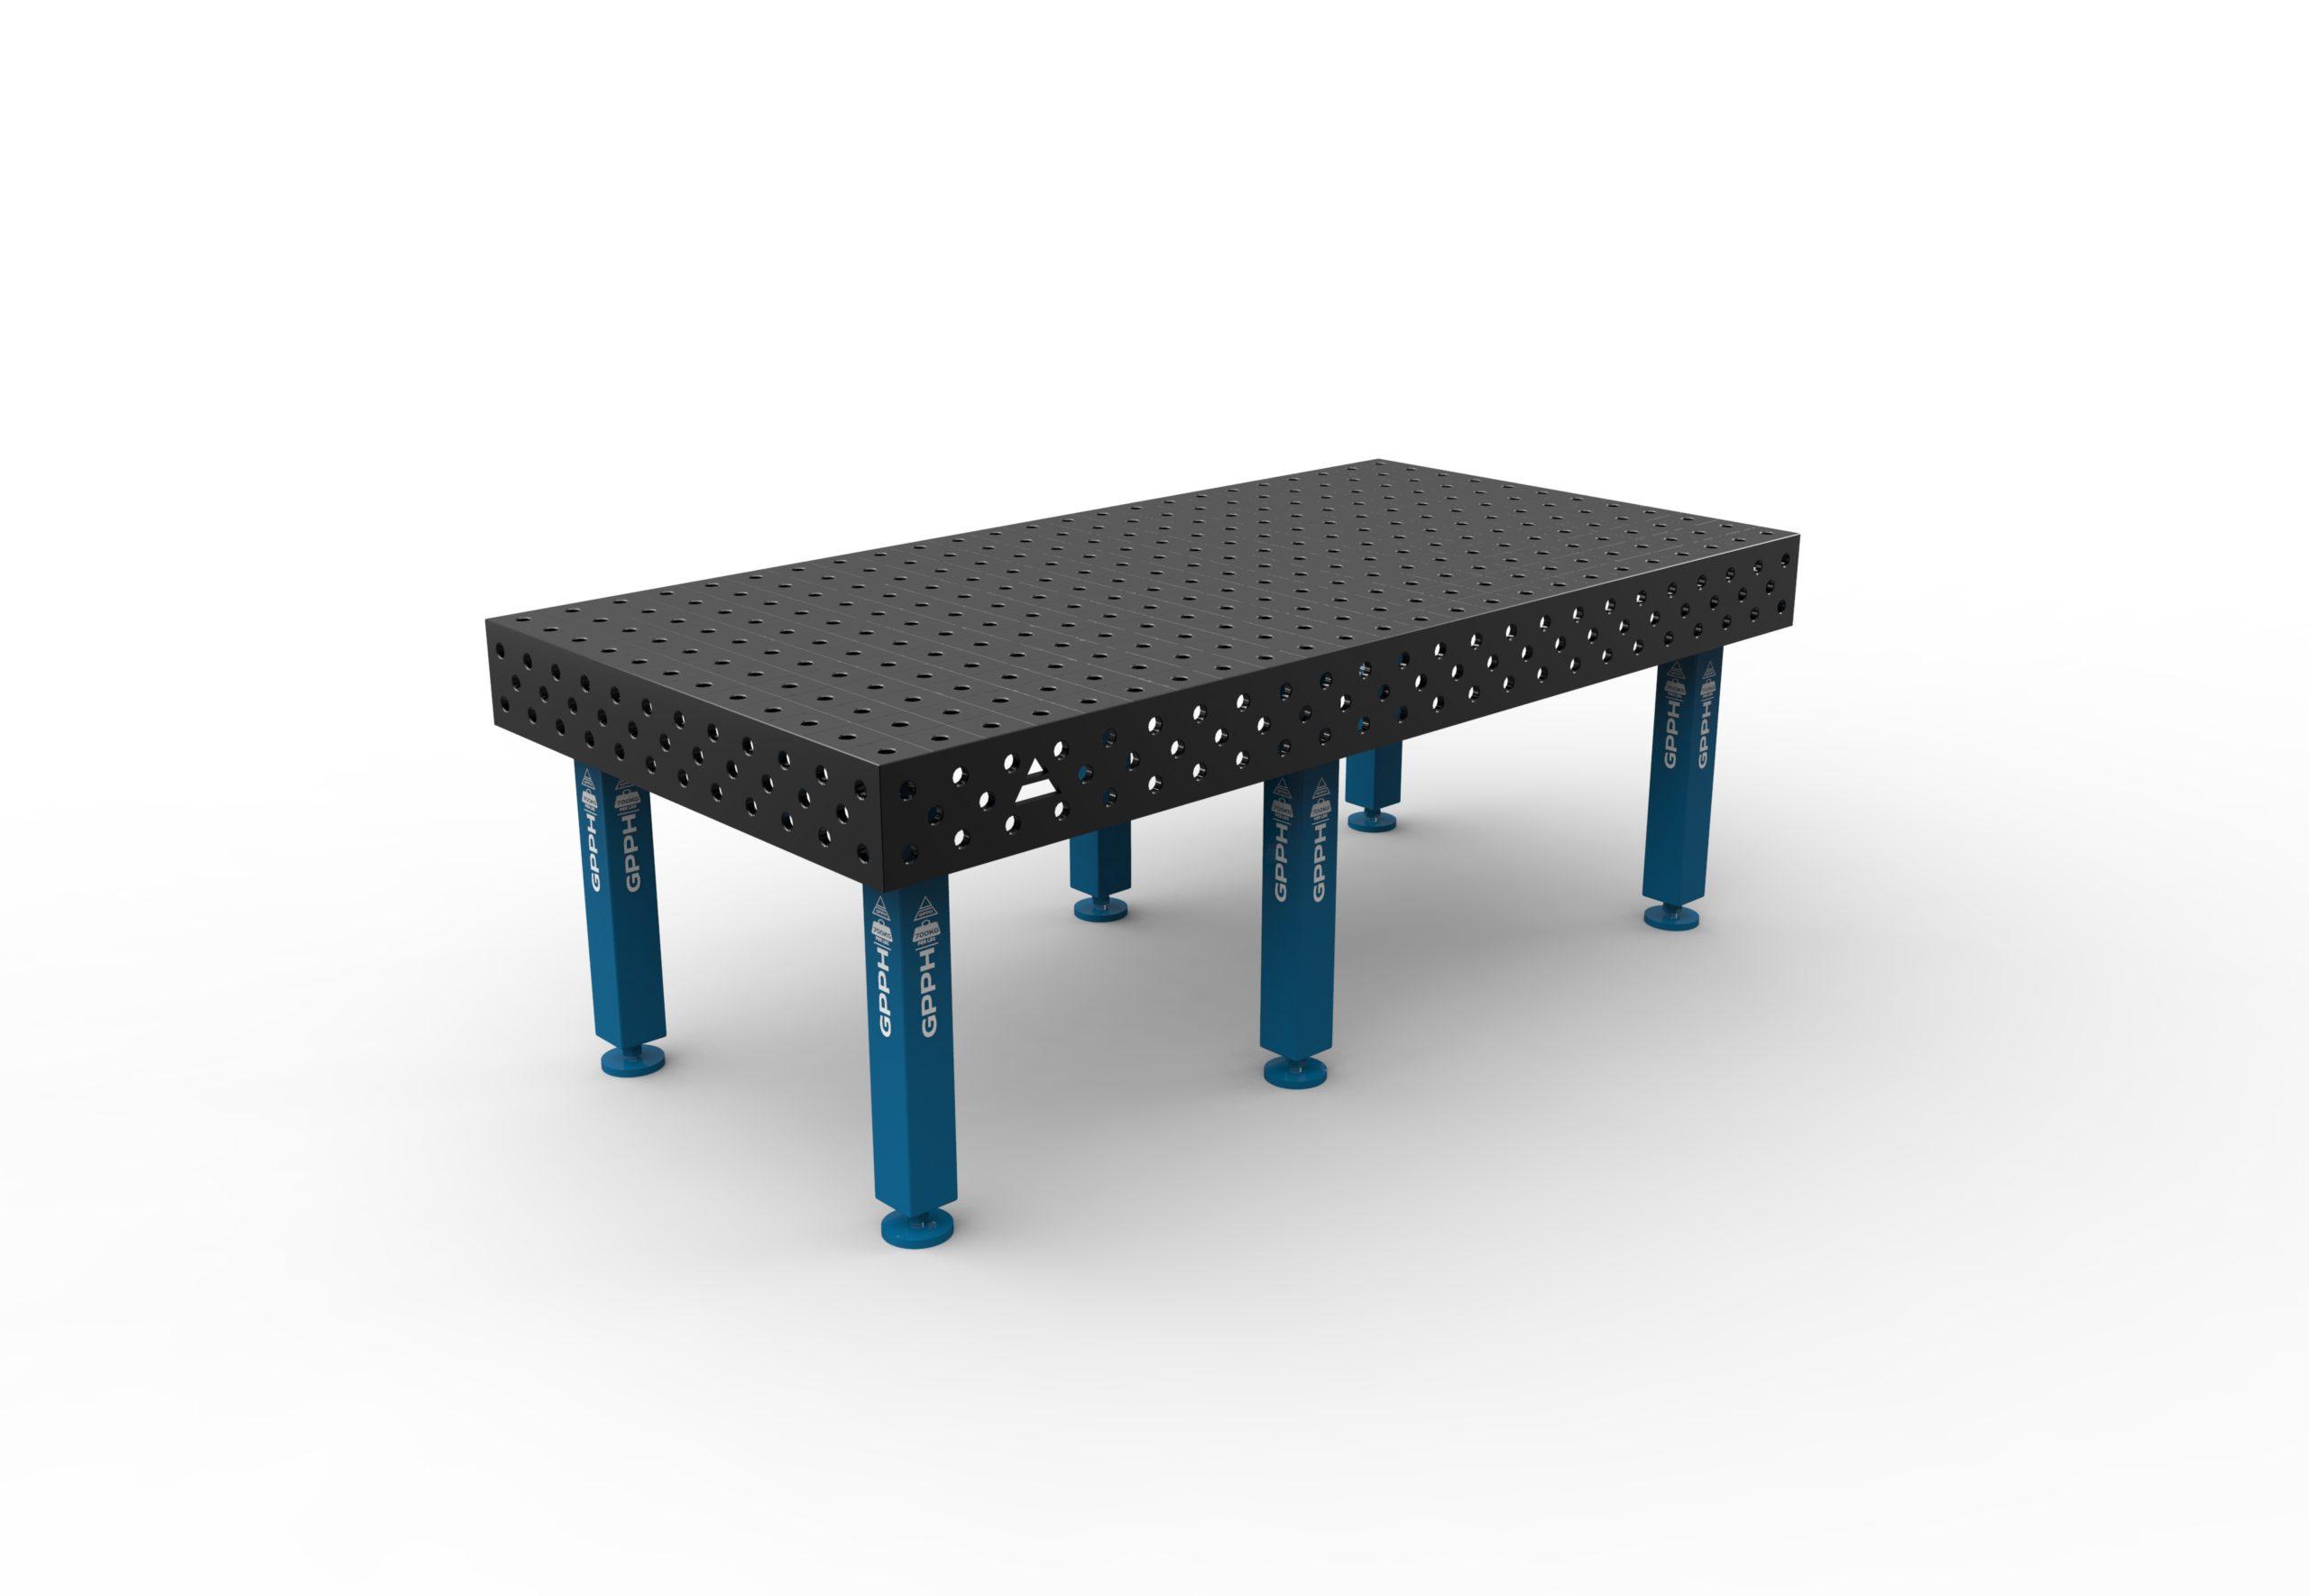 Table de soudage PRO 2400 x 1200 mm de GPPH